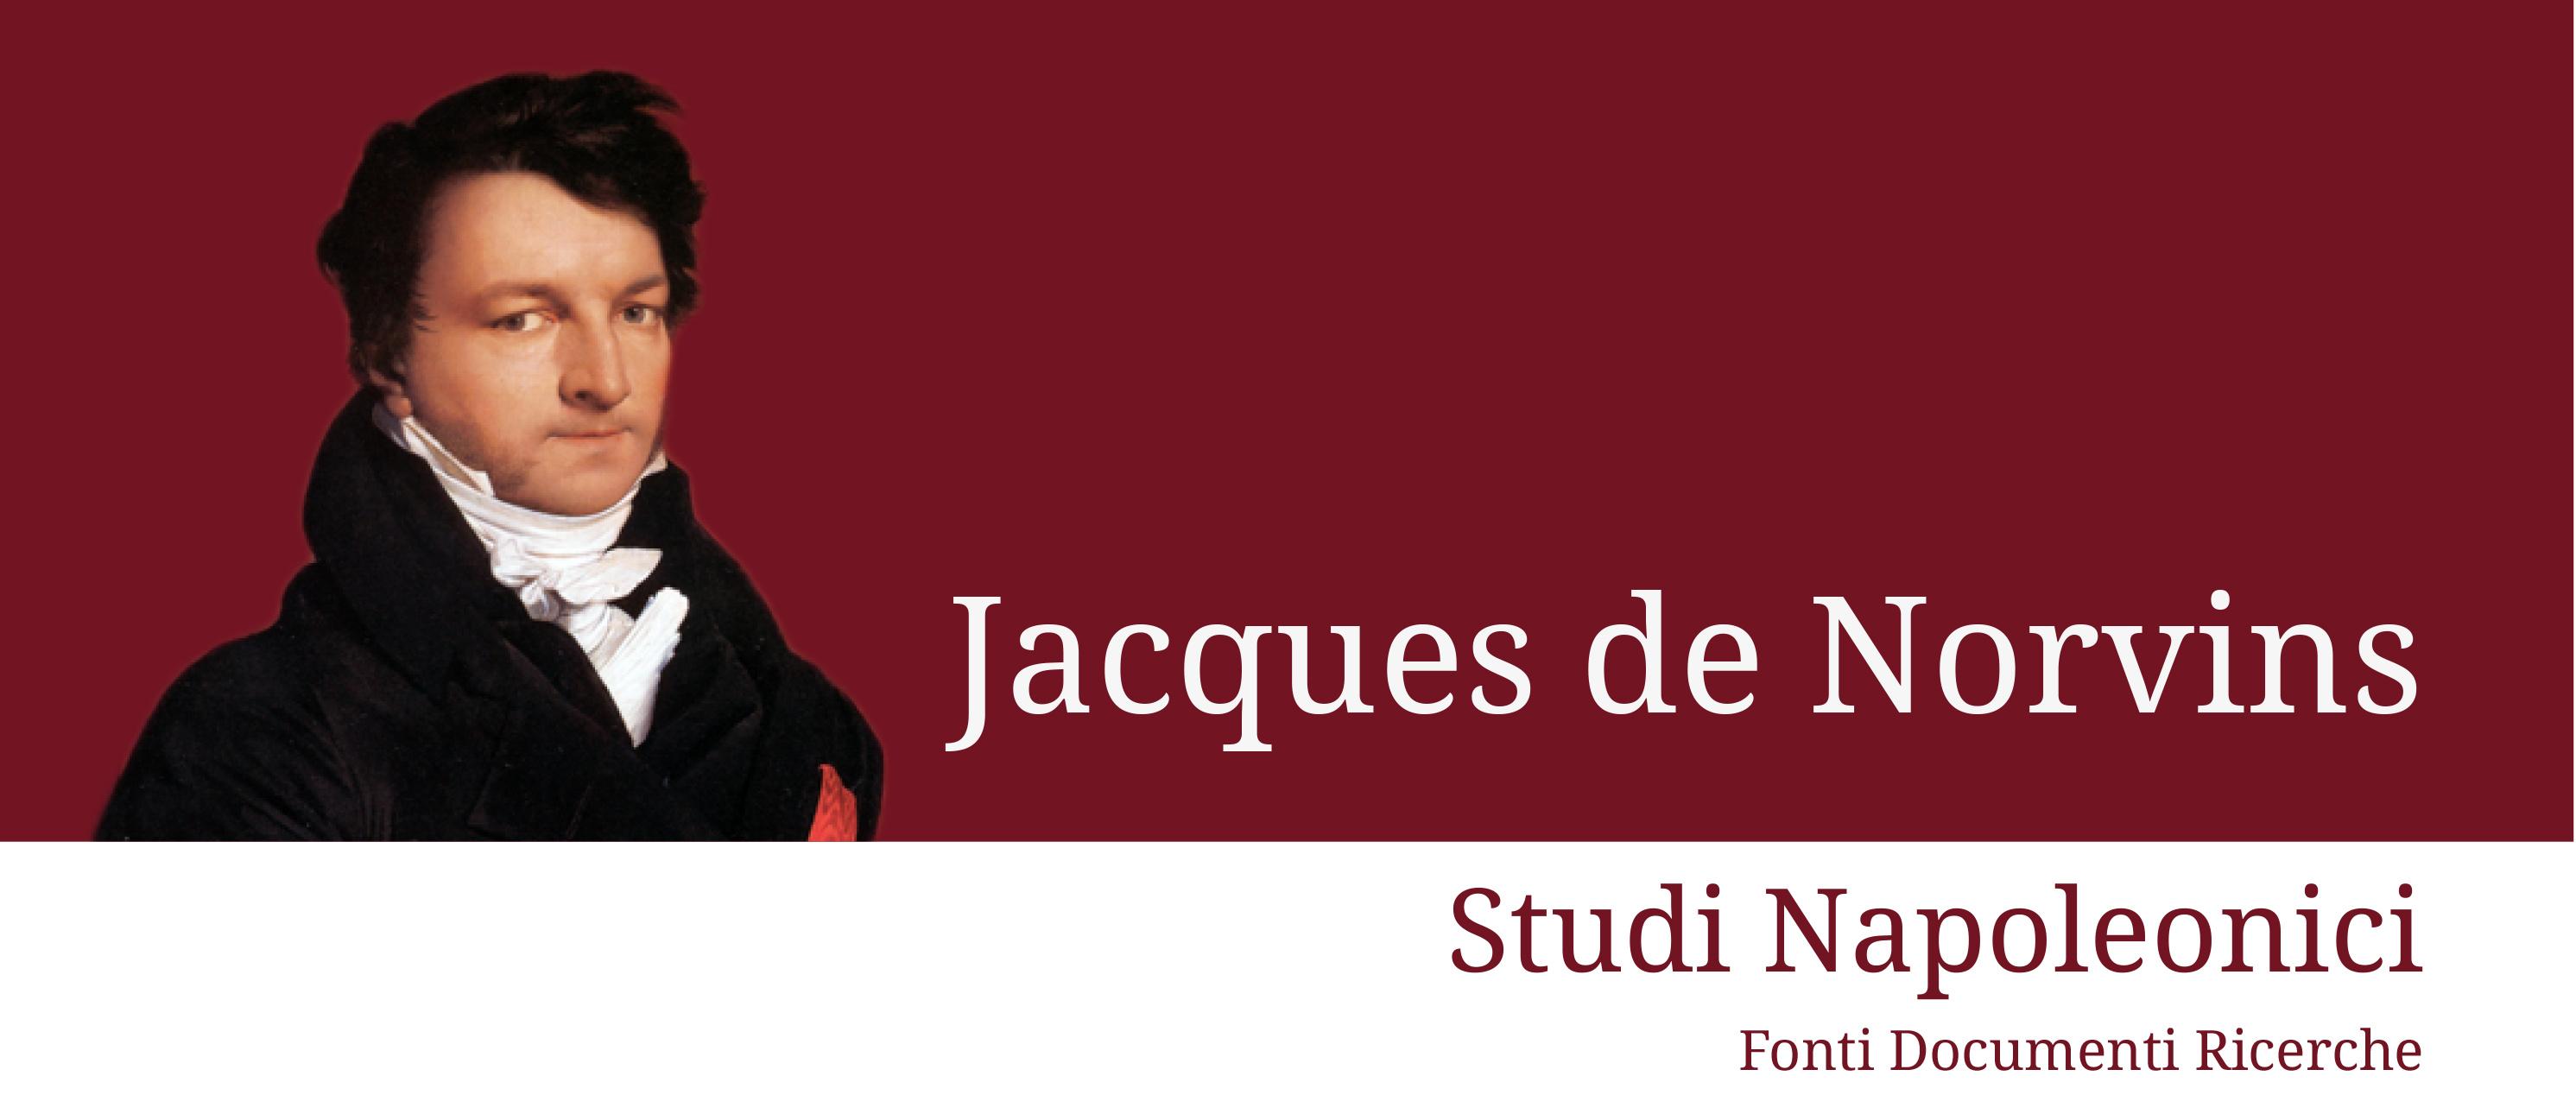 Jacques de Norvins